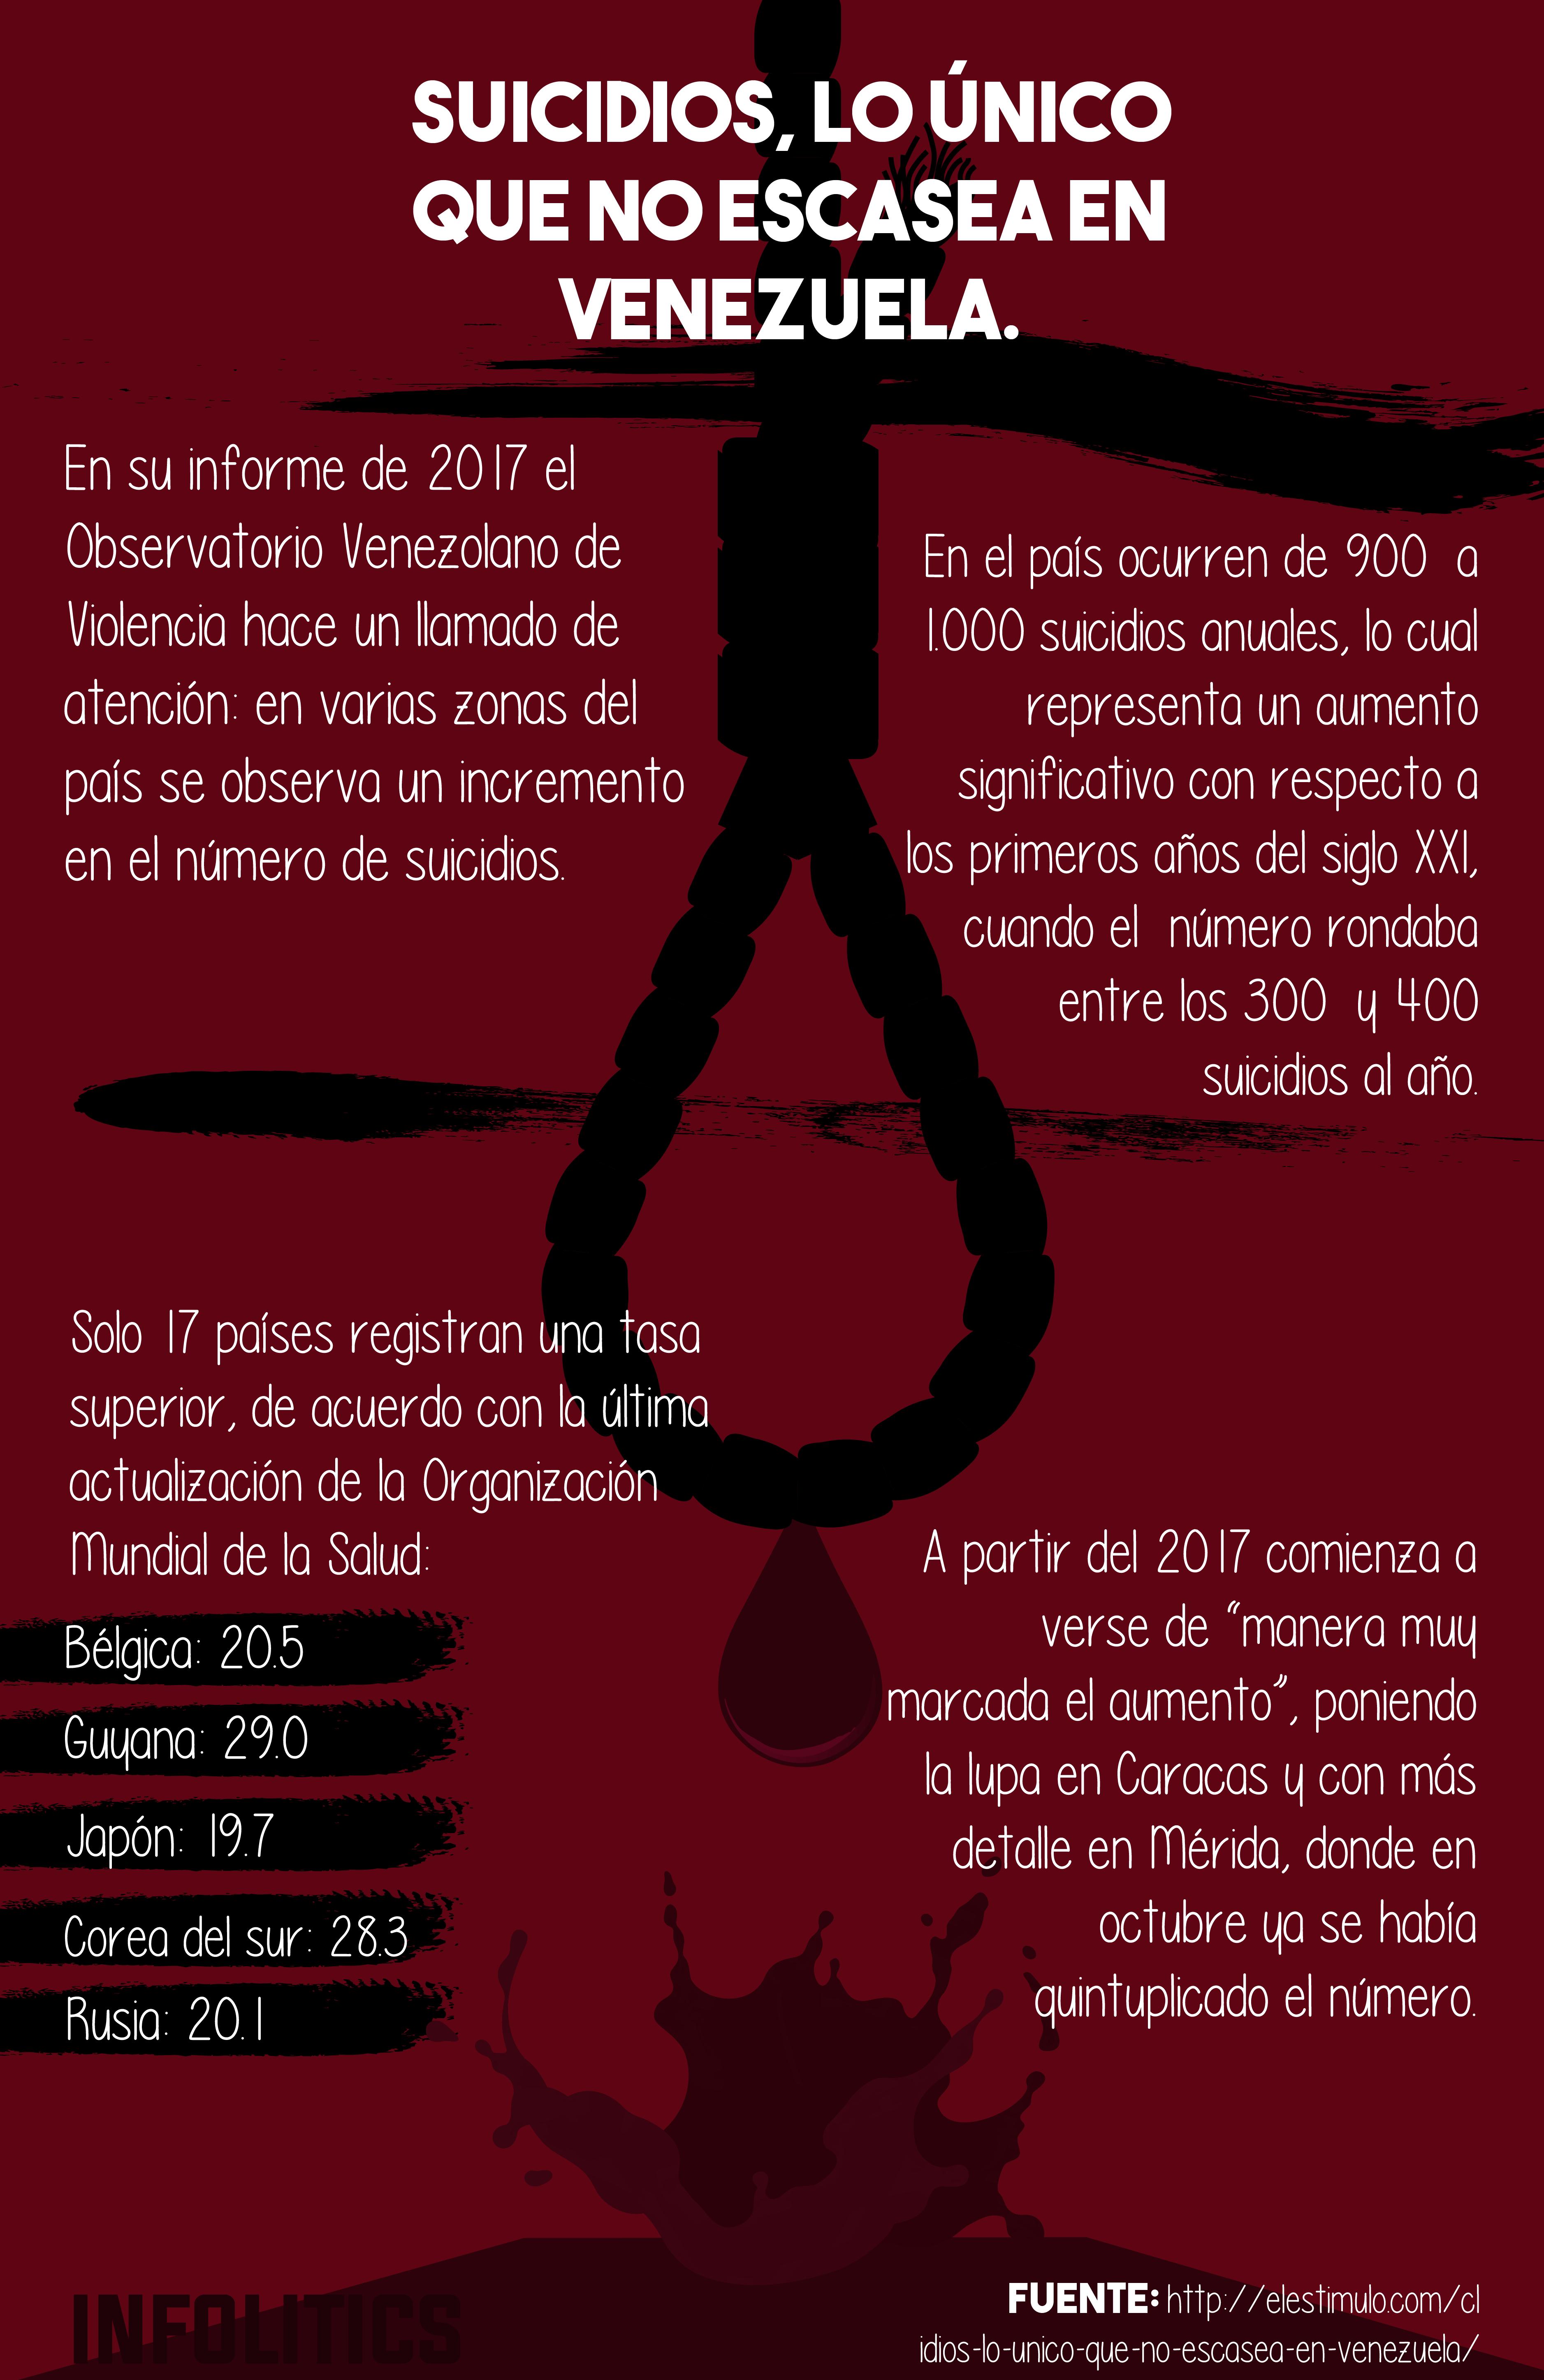 A diferencia de los alimentos y productos de primera necesidad, entre muchos otros, parece ser que los suicidios son lo único que no escasea en Venezuela